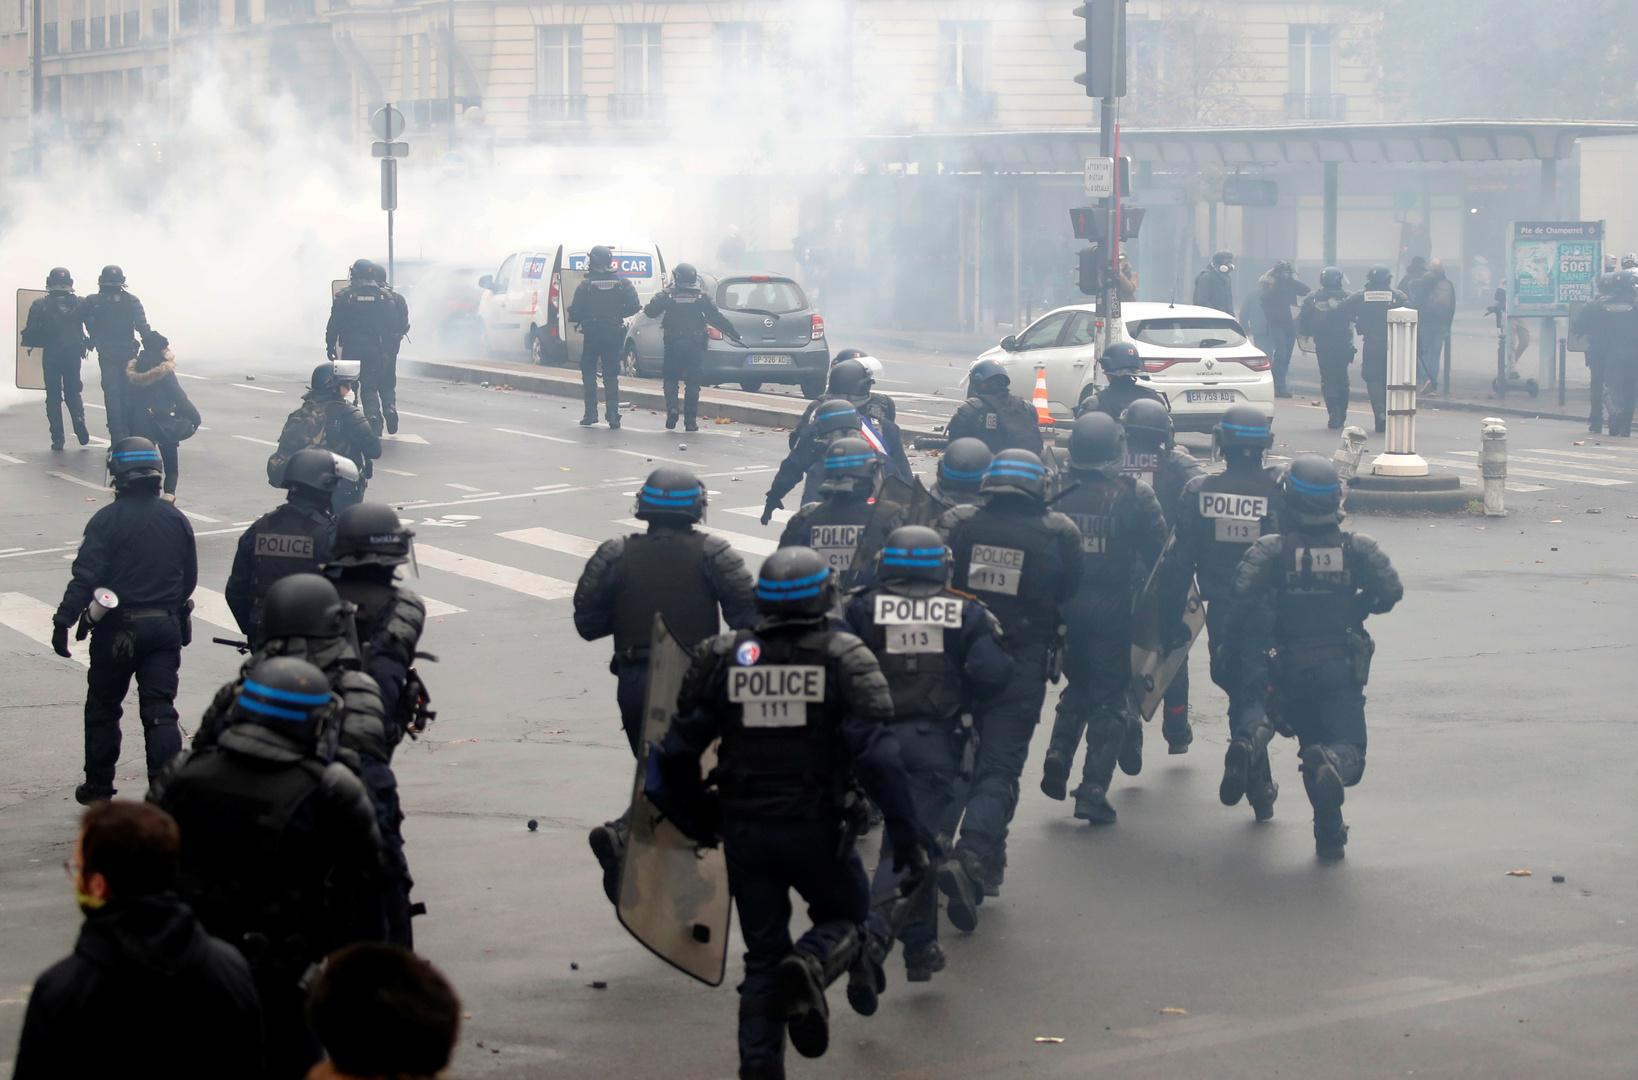 عناصر من الشرطة الفرنسية خلال تصديهم لمشاركين في مظاهرات السترات الصفراء في باريس يوم 16 نوفمبر 2019